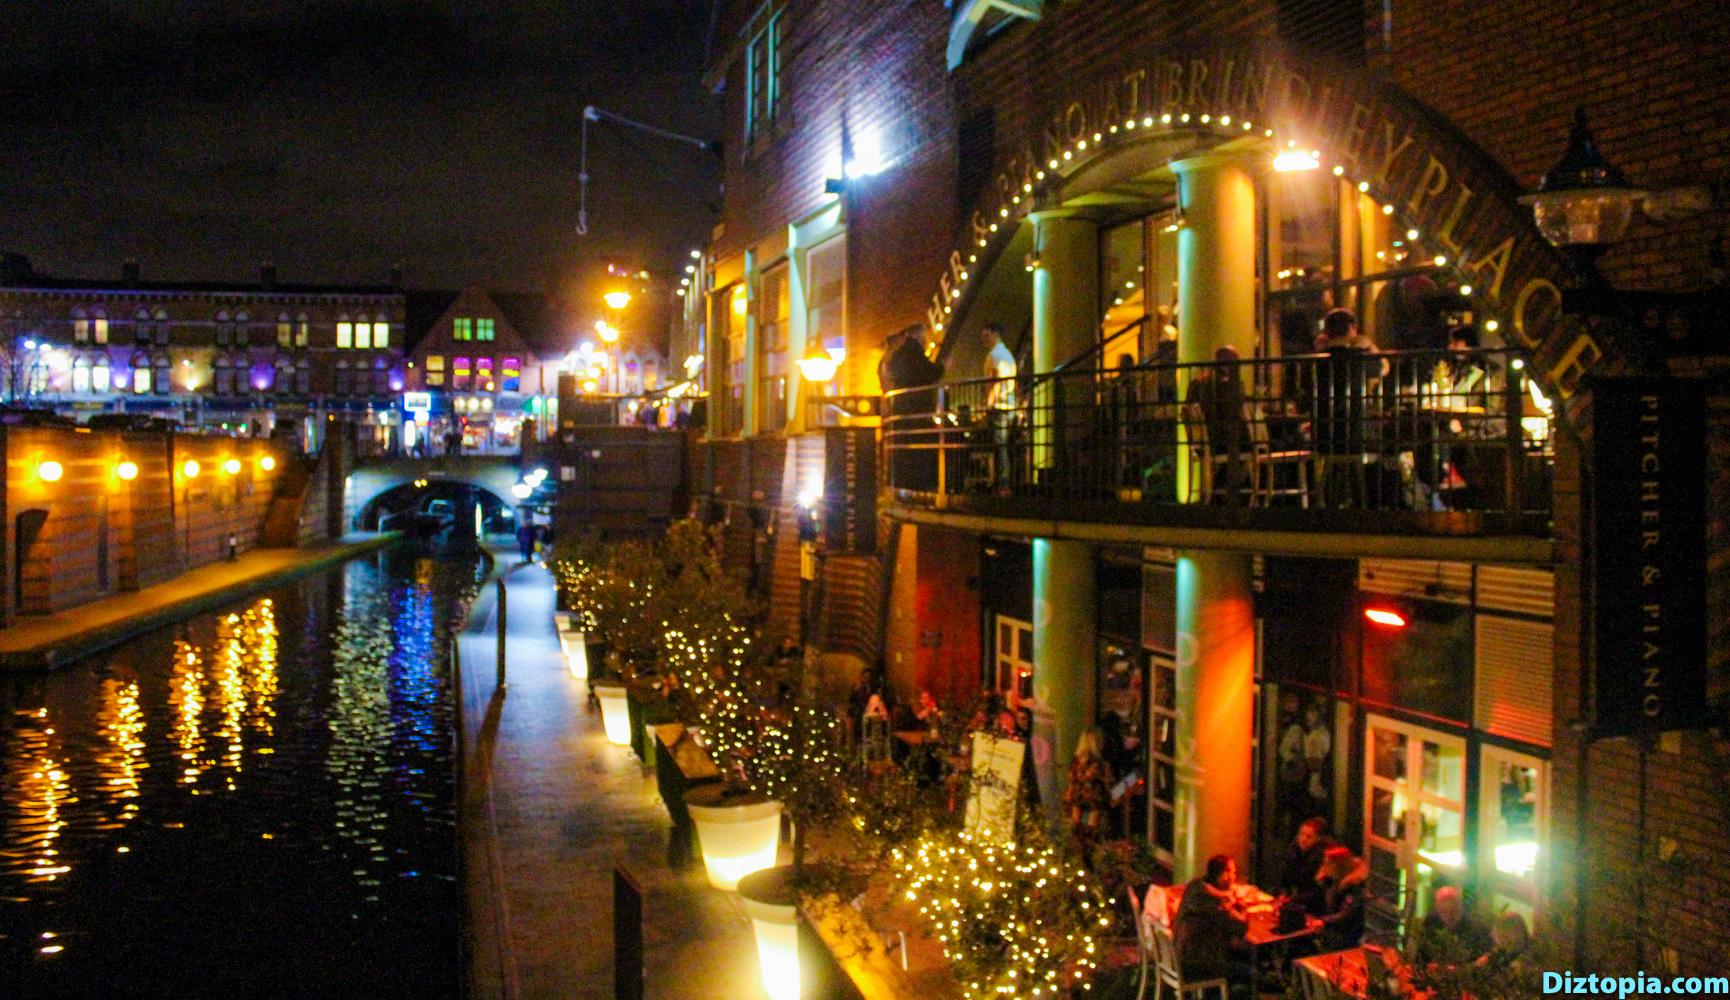 Birmingham-Canal-City-Diztopia-Photography-Night-Dizma-Dahl-China-Town-UK-Blog-33